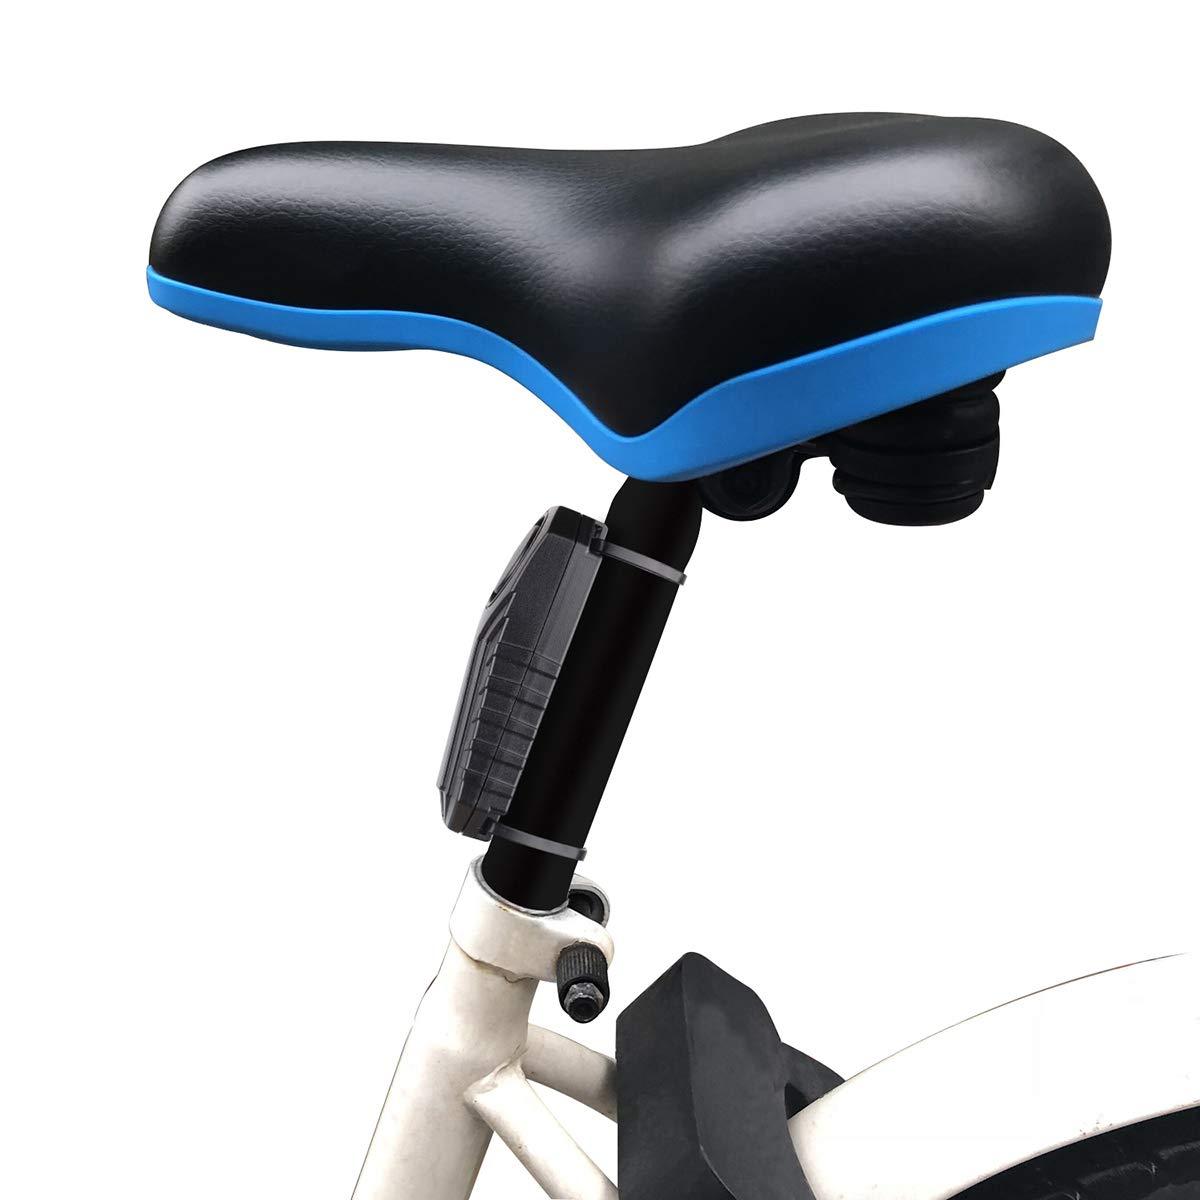 Z08 Impermeabile e Super Forte Mengshen 113dB Wireless Antifurto Moto//Bicicletta//Bici Antifurto Allarme